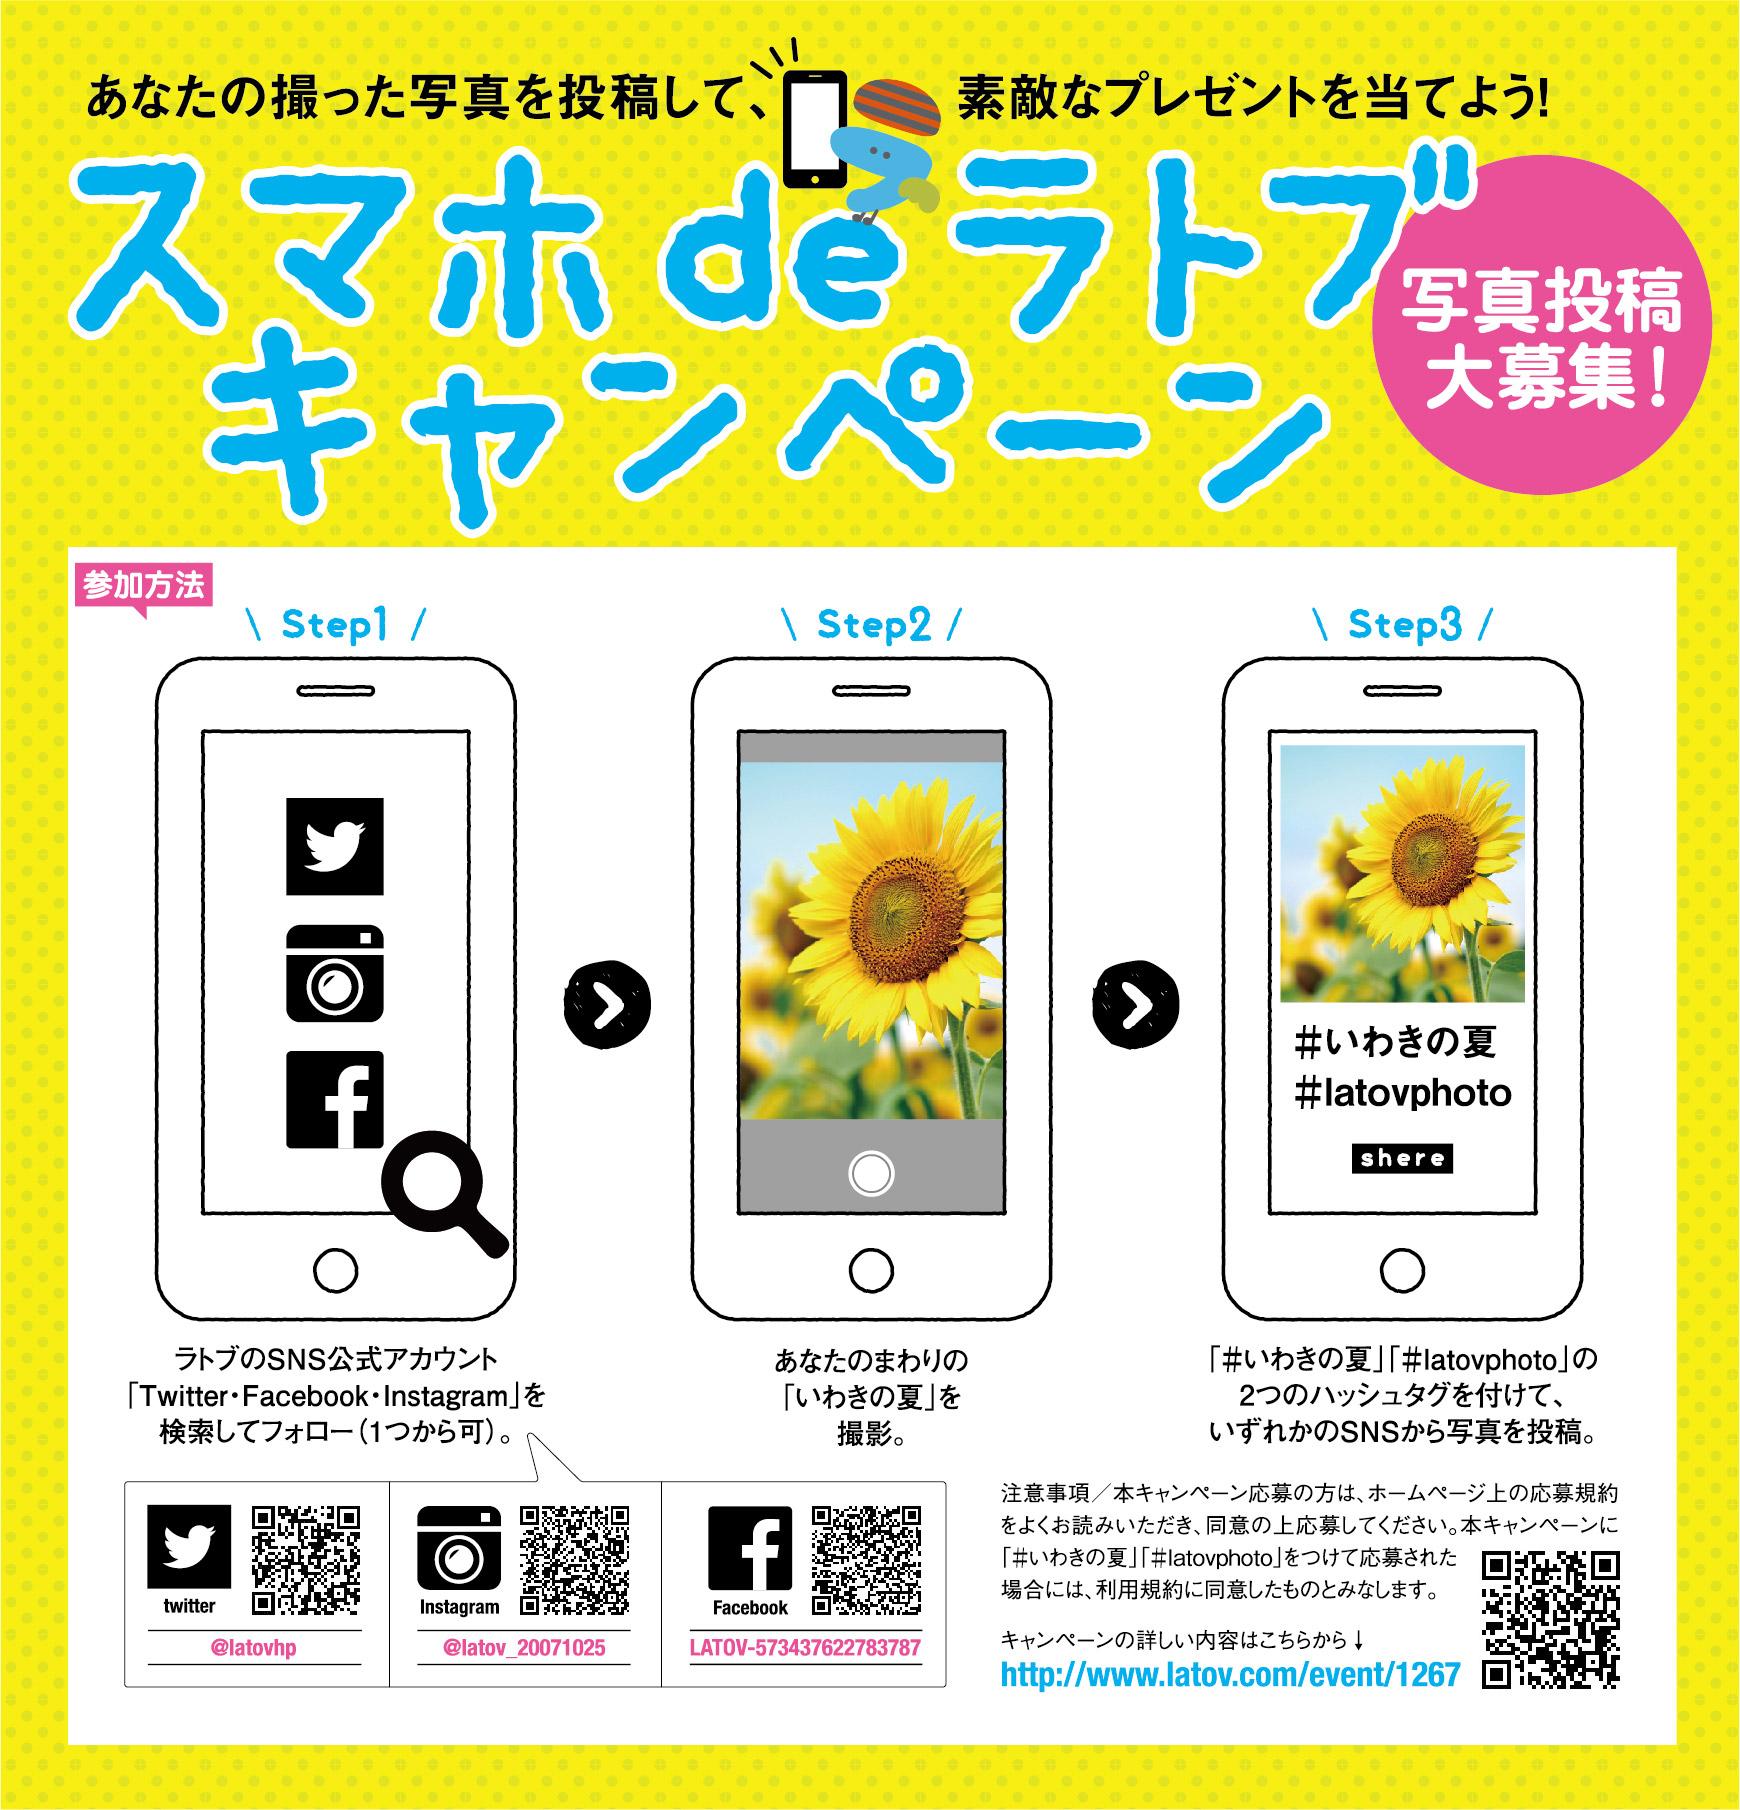 スマホdeラトブキャンペーン!! 『いわきの夏』写真投稿を大募集!